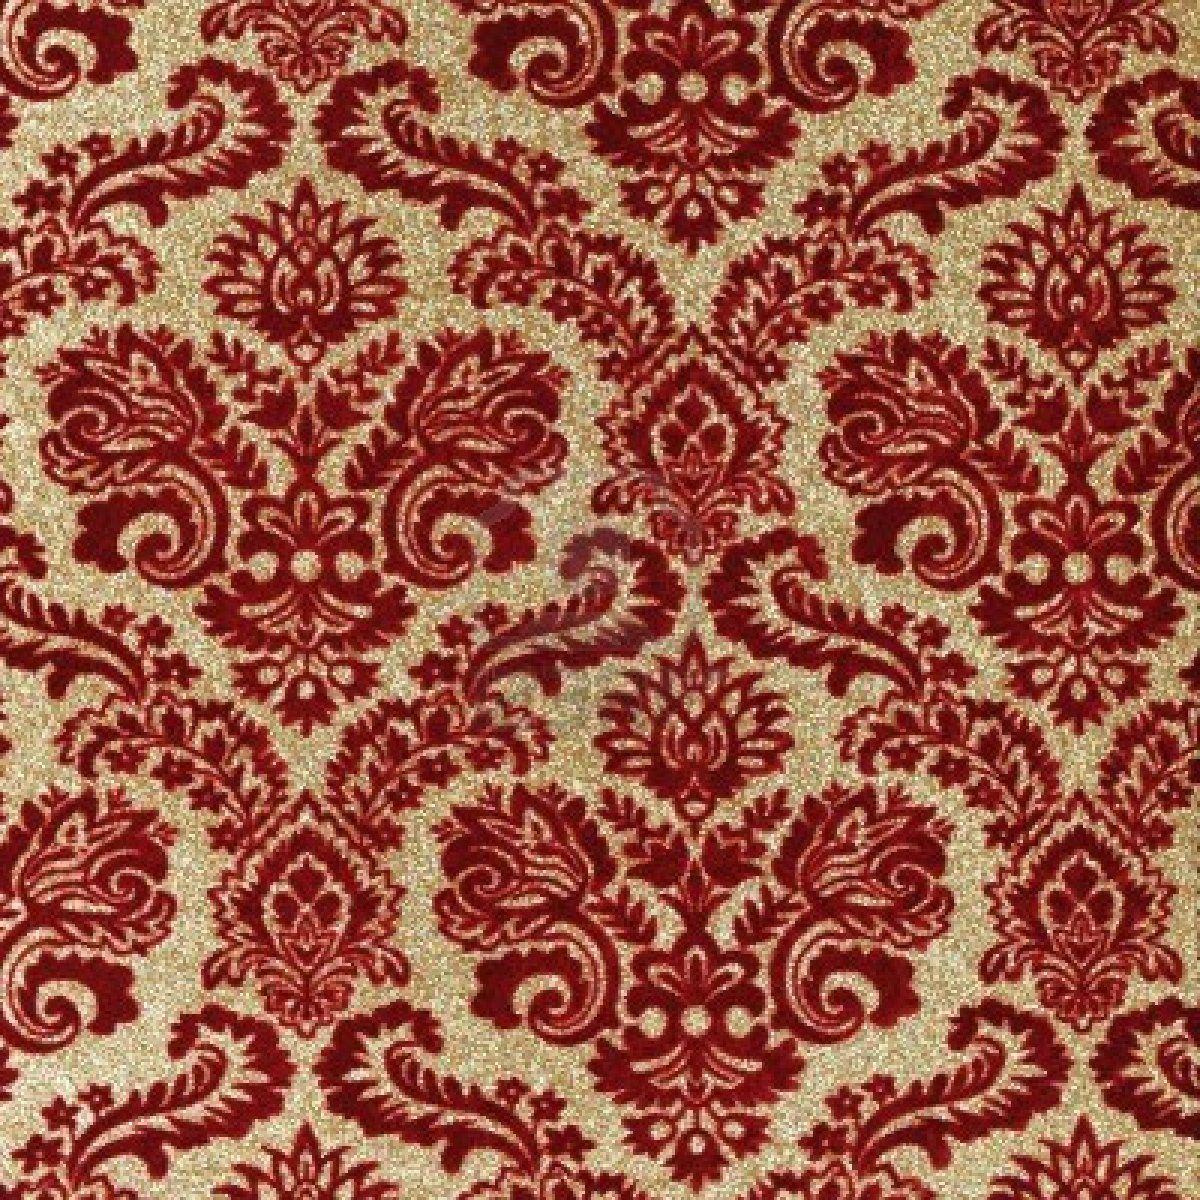 Resultados de la Búsqueda de imágenes de Google de http://us.123rf.com/400wm/400/400/hxdbzxy/hxdbzxy1206/hxdbzxy120603010/14247873-seamless-vintage-para-el-diseno-textil-patron-de-papel-tapiz.jpg